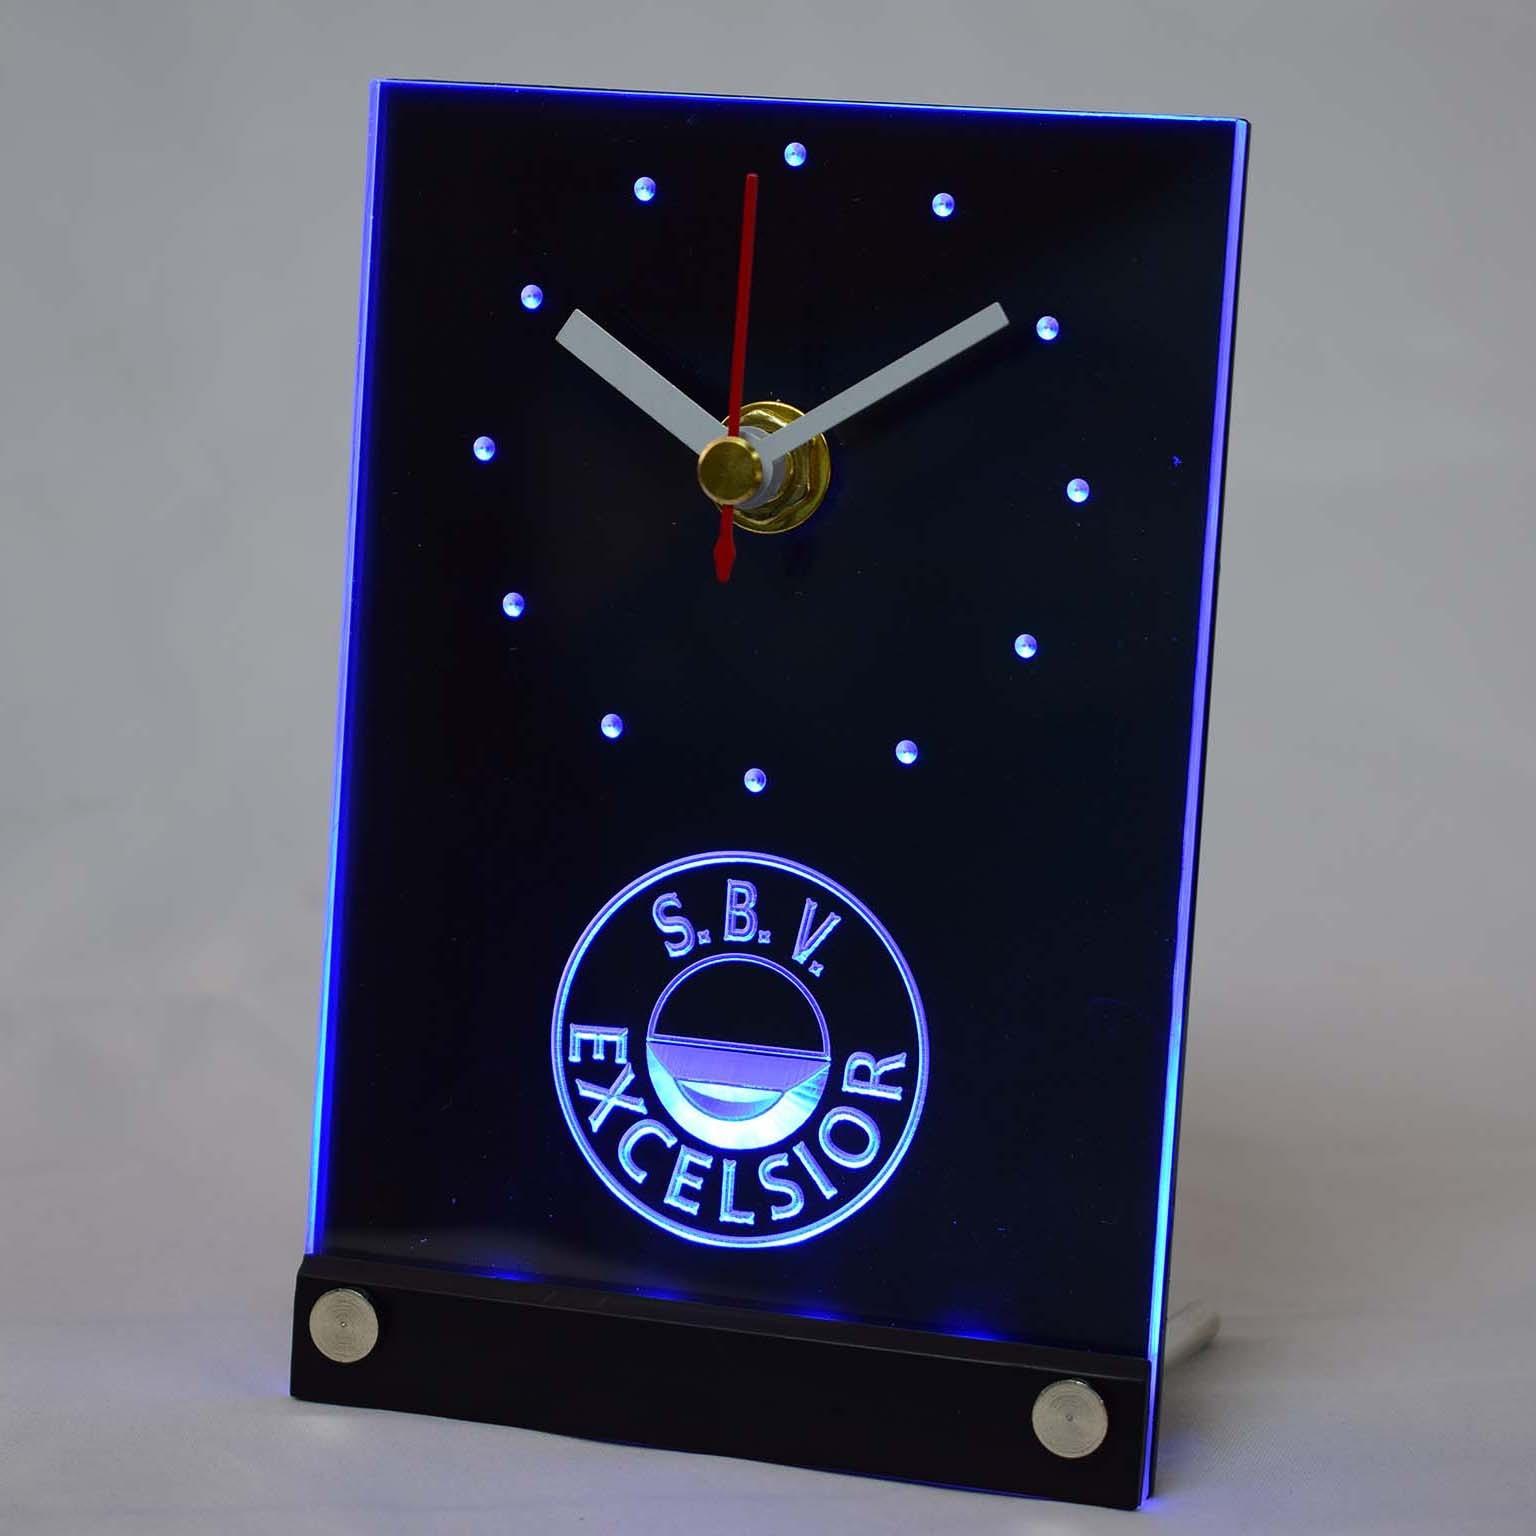 Tnc1022 s.b.v. Excelsior голландский Eredivisie Футбол 3D светодиодный настольные часы